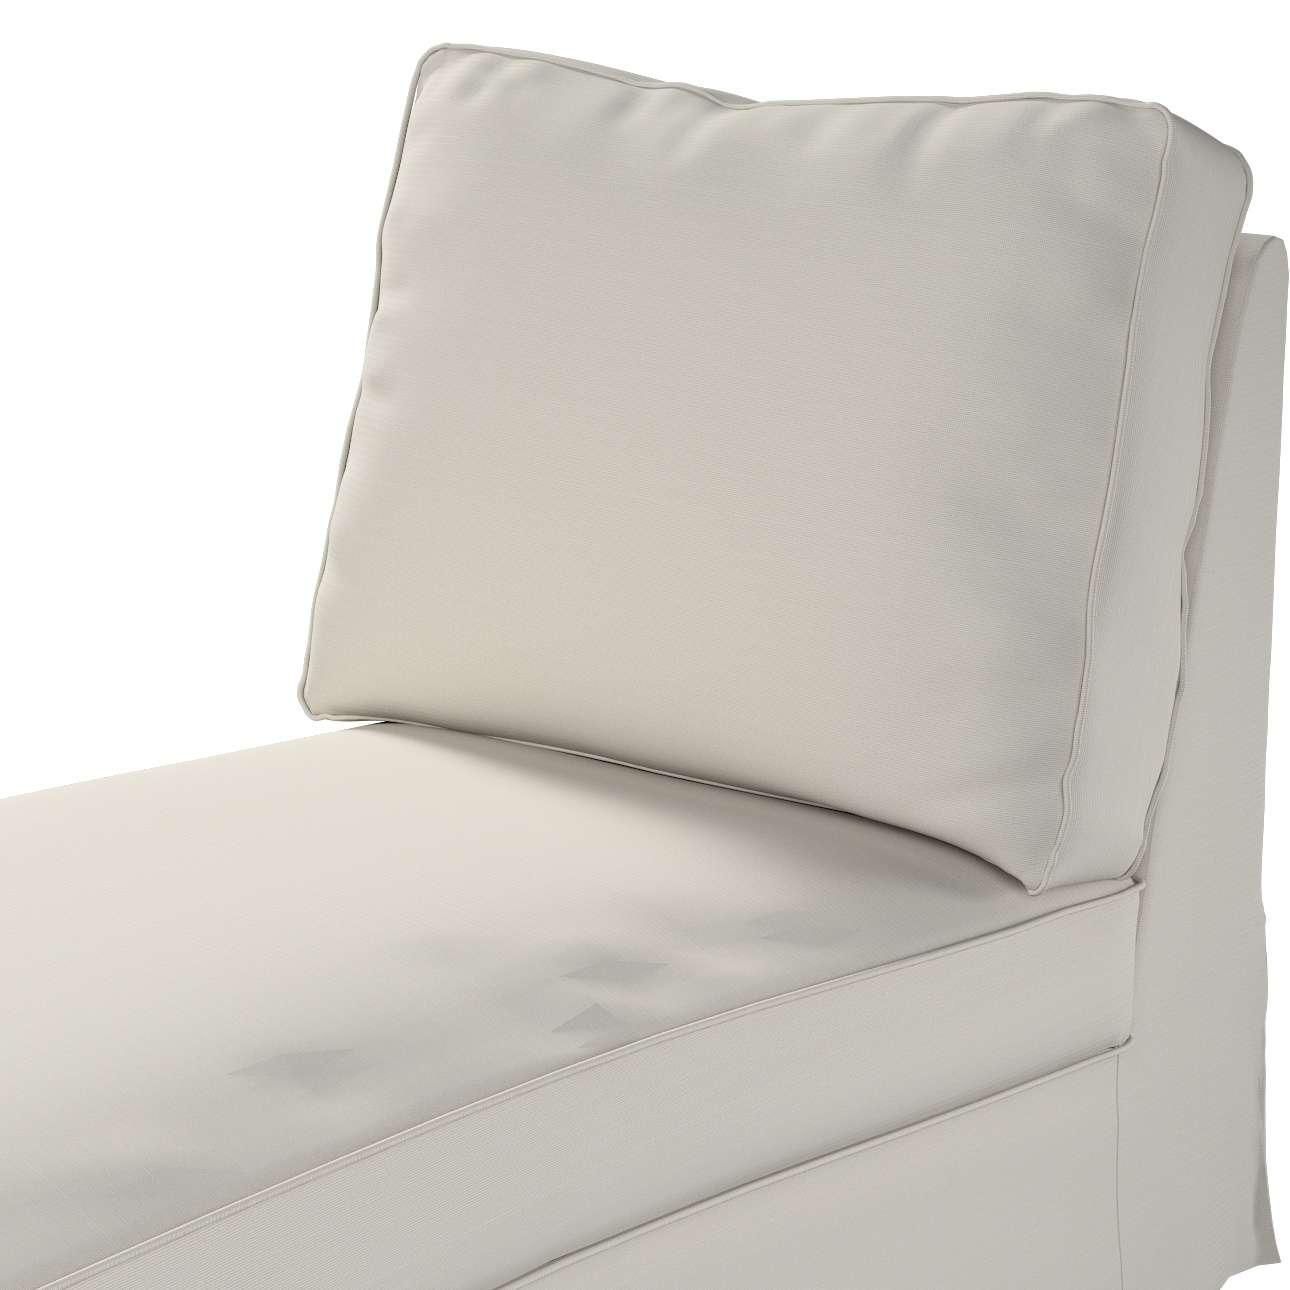 Pokrowiec na szezlong/ leżankę Ektorp wolnostojący prosty tył w kolekcji Cotton Panama, tkanina: 702-31